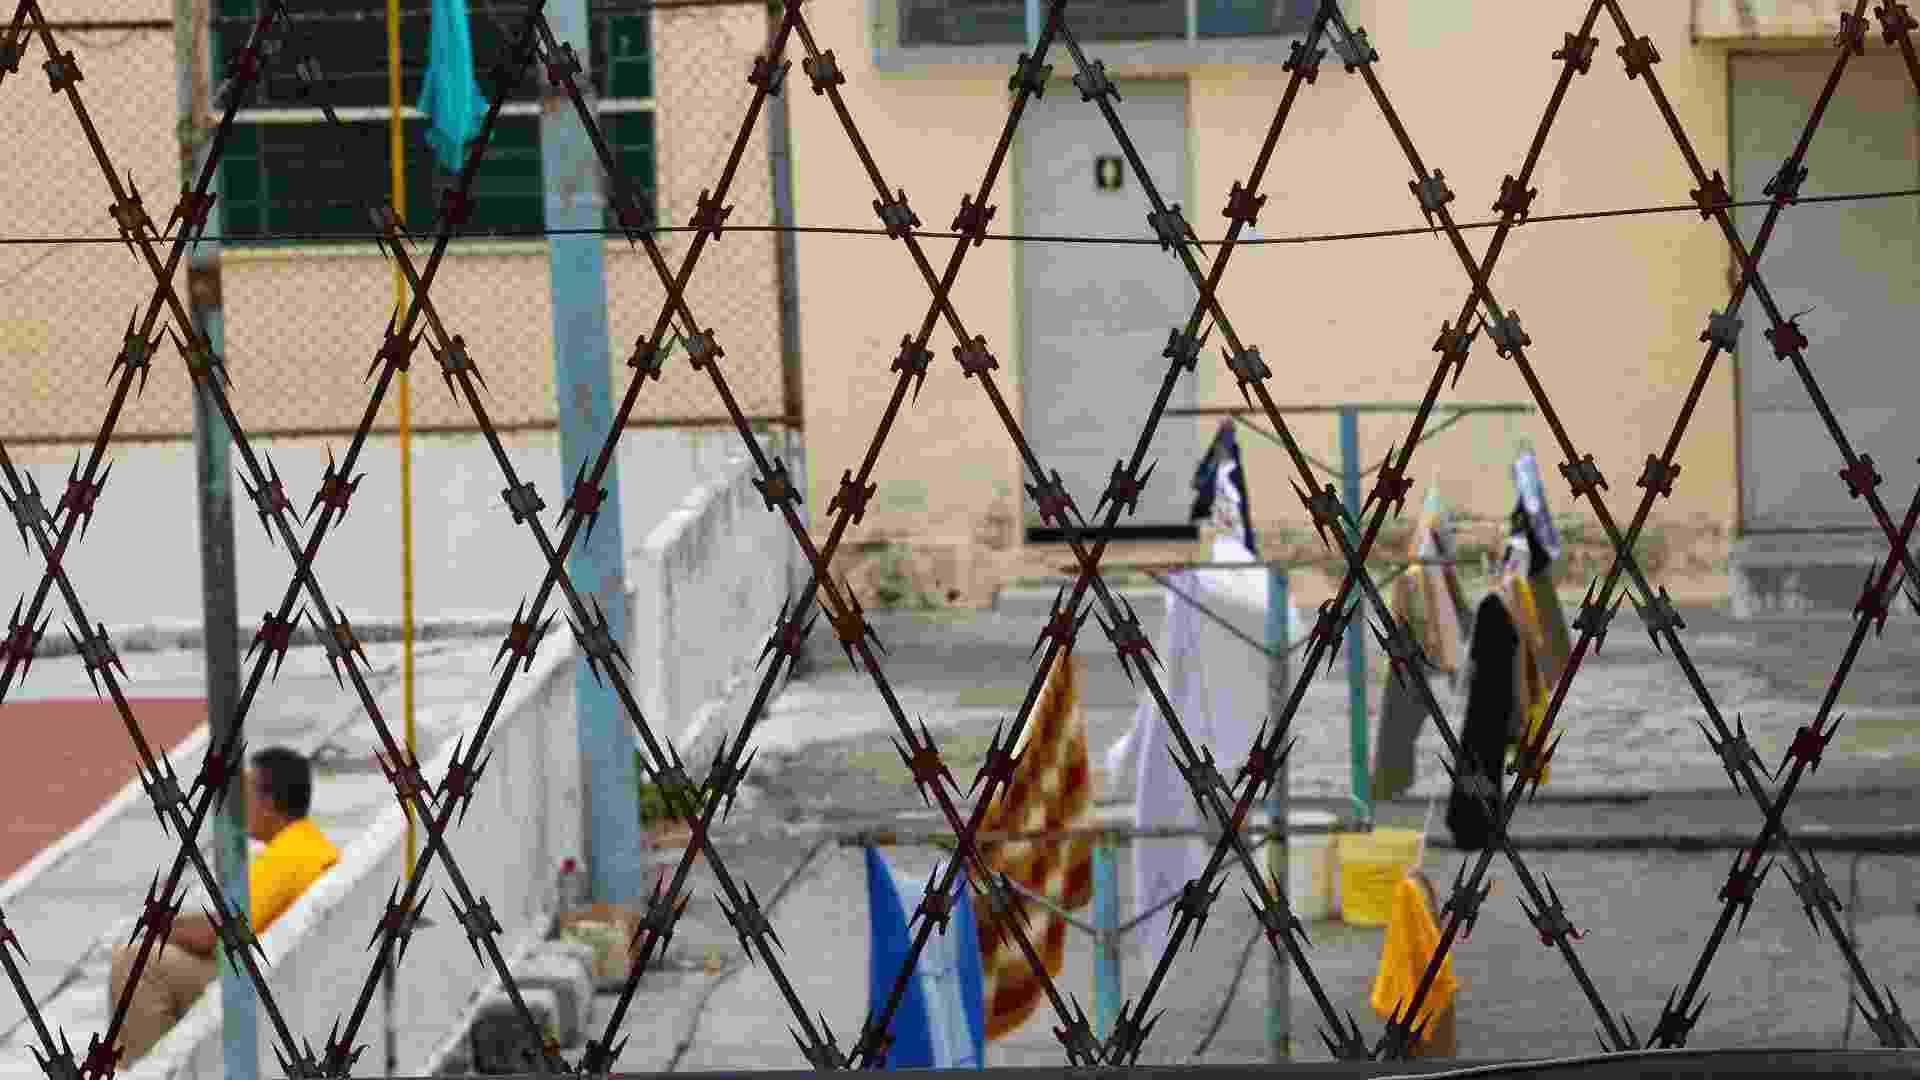 24.jan.2013 - Detento descasa na quadra de esportes. Caso não estejam trabalhando, eles têm autorização para utilizar a quadra ou a academia até as 18 horas - Fernando Donasci/UOL